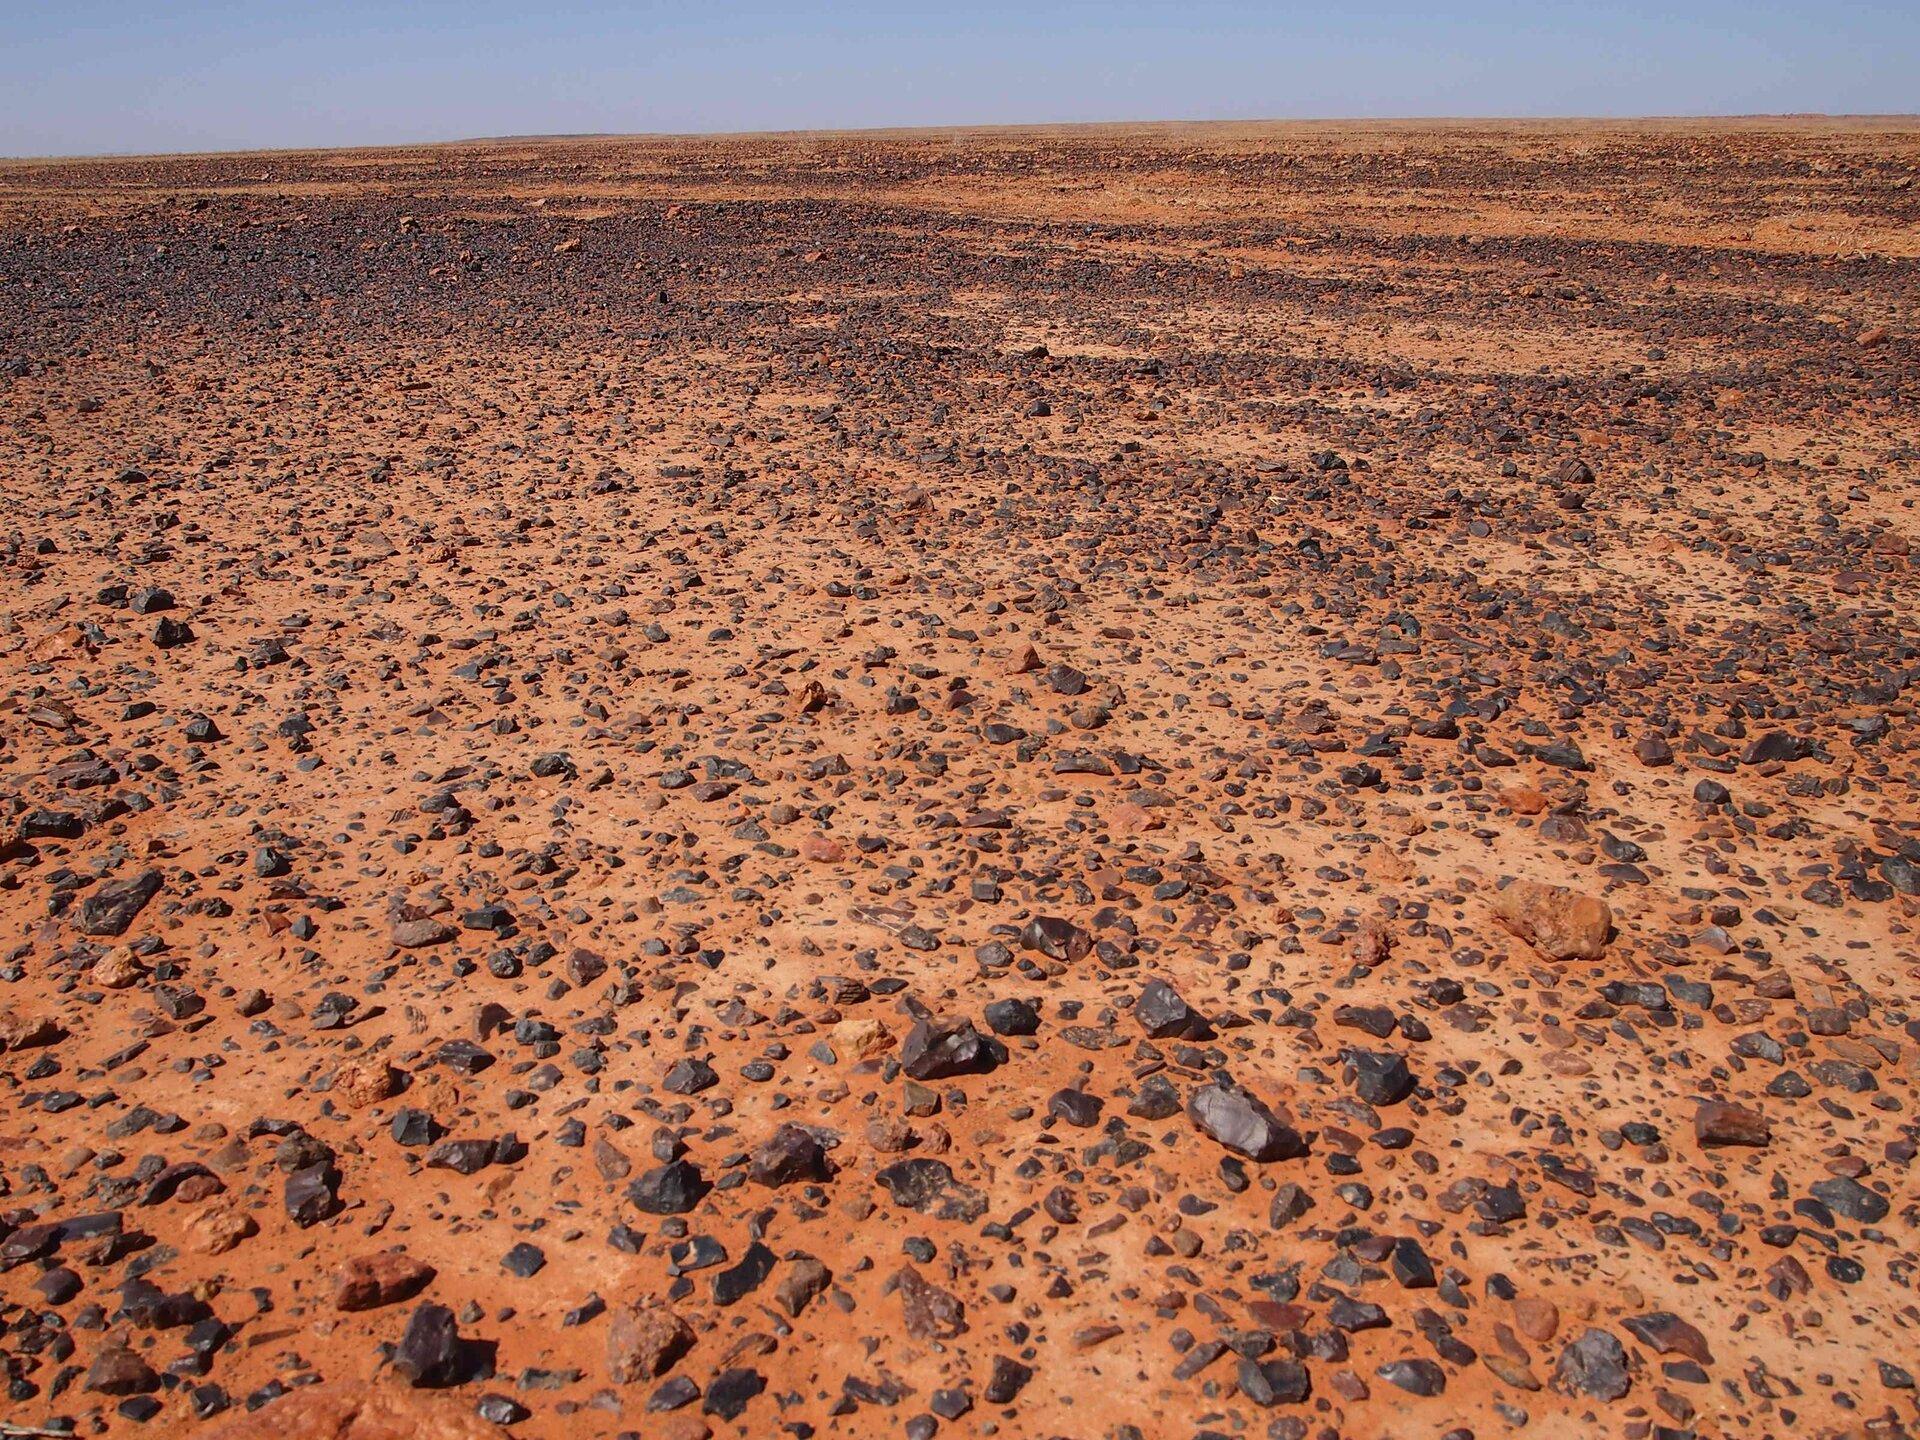 Na zdjęciu pustynia żwirowa. Teren płaski, na ceglastym piasku leży drobny igrubszy żwir. Na horyzoncie wąski kawałek nieba.